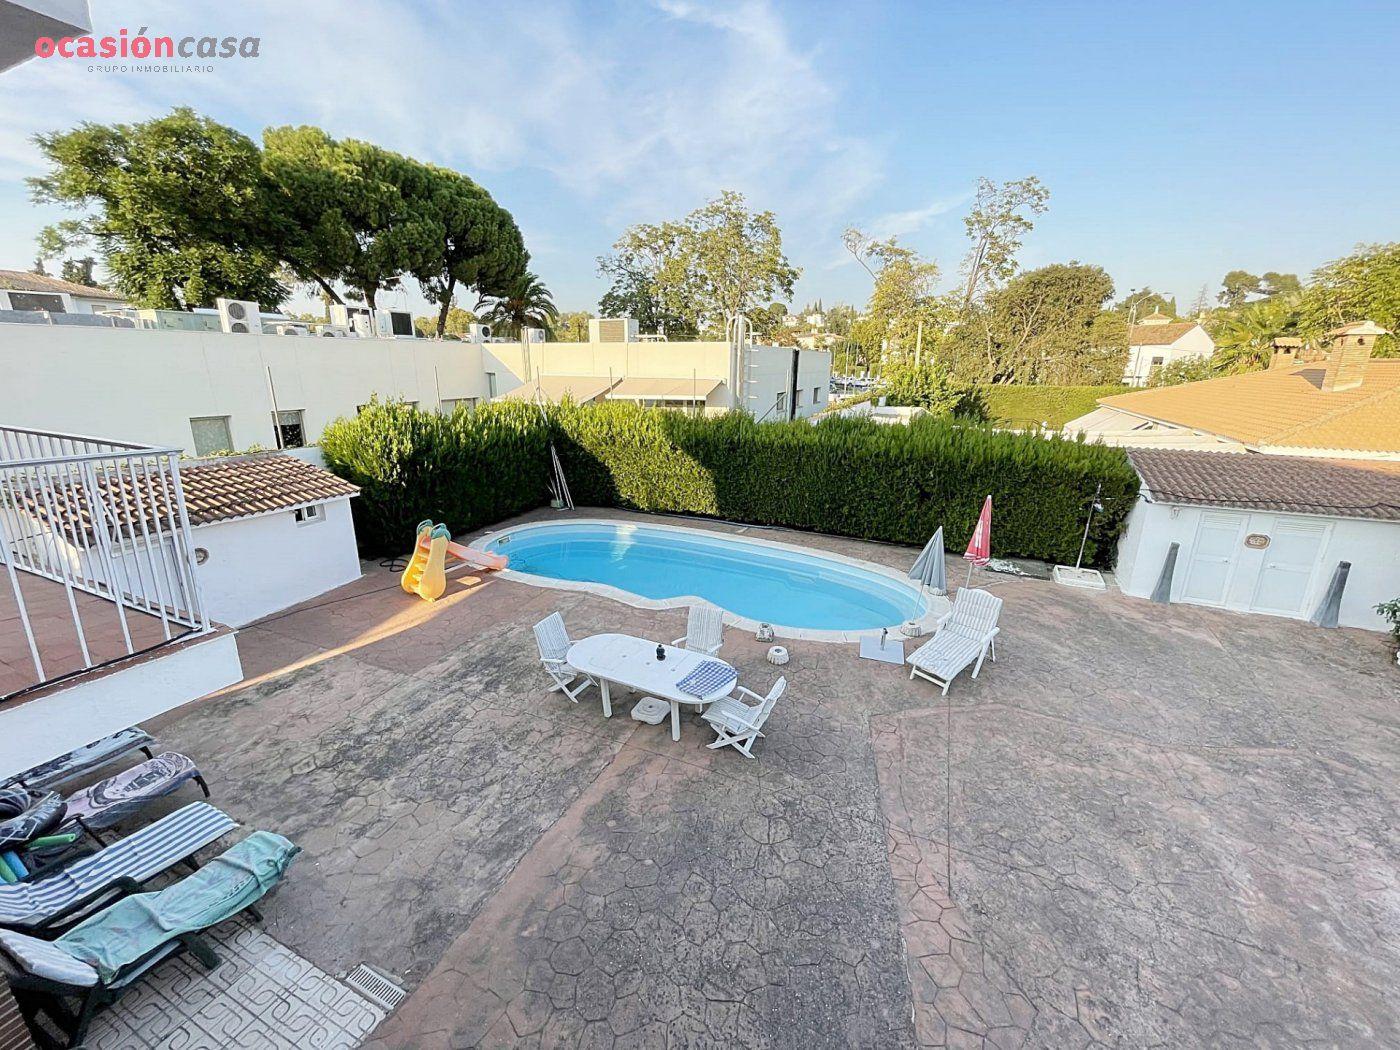 Casa Con Terreno · Córdoba · Brillante 700.000€€